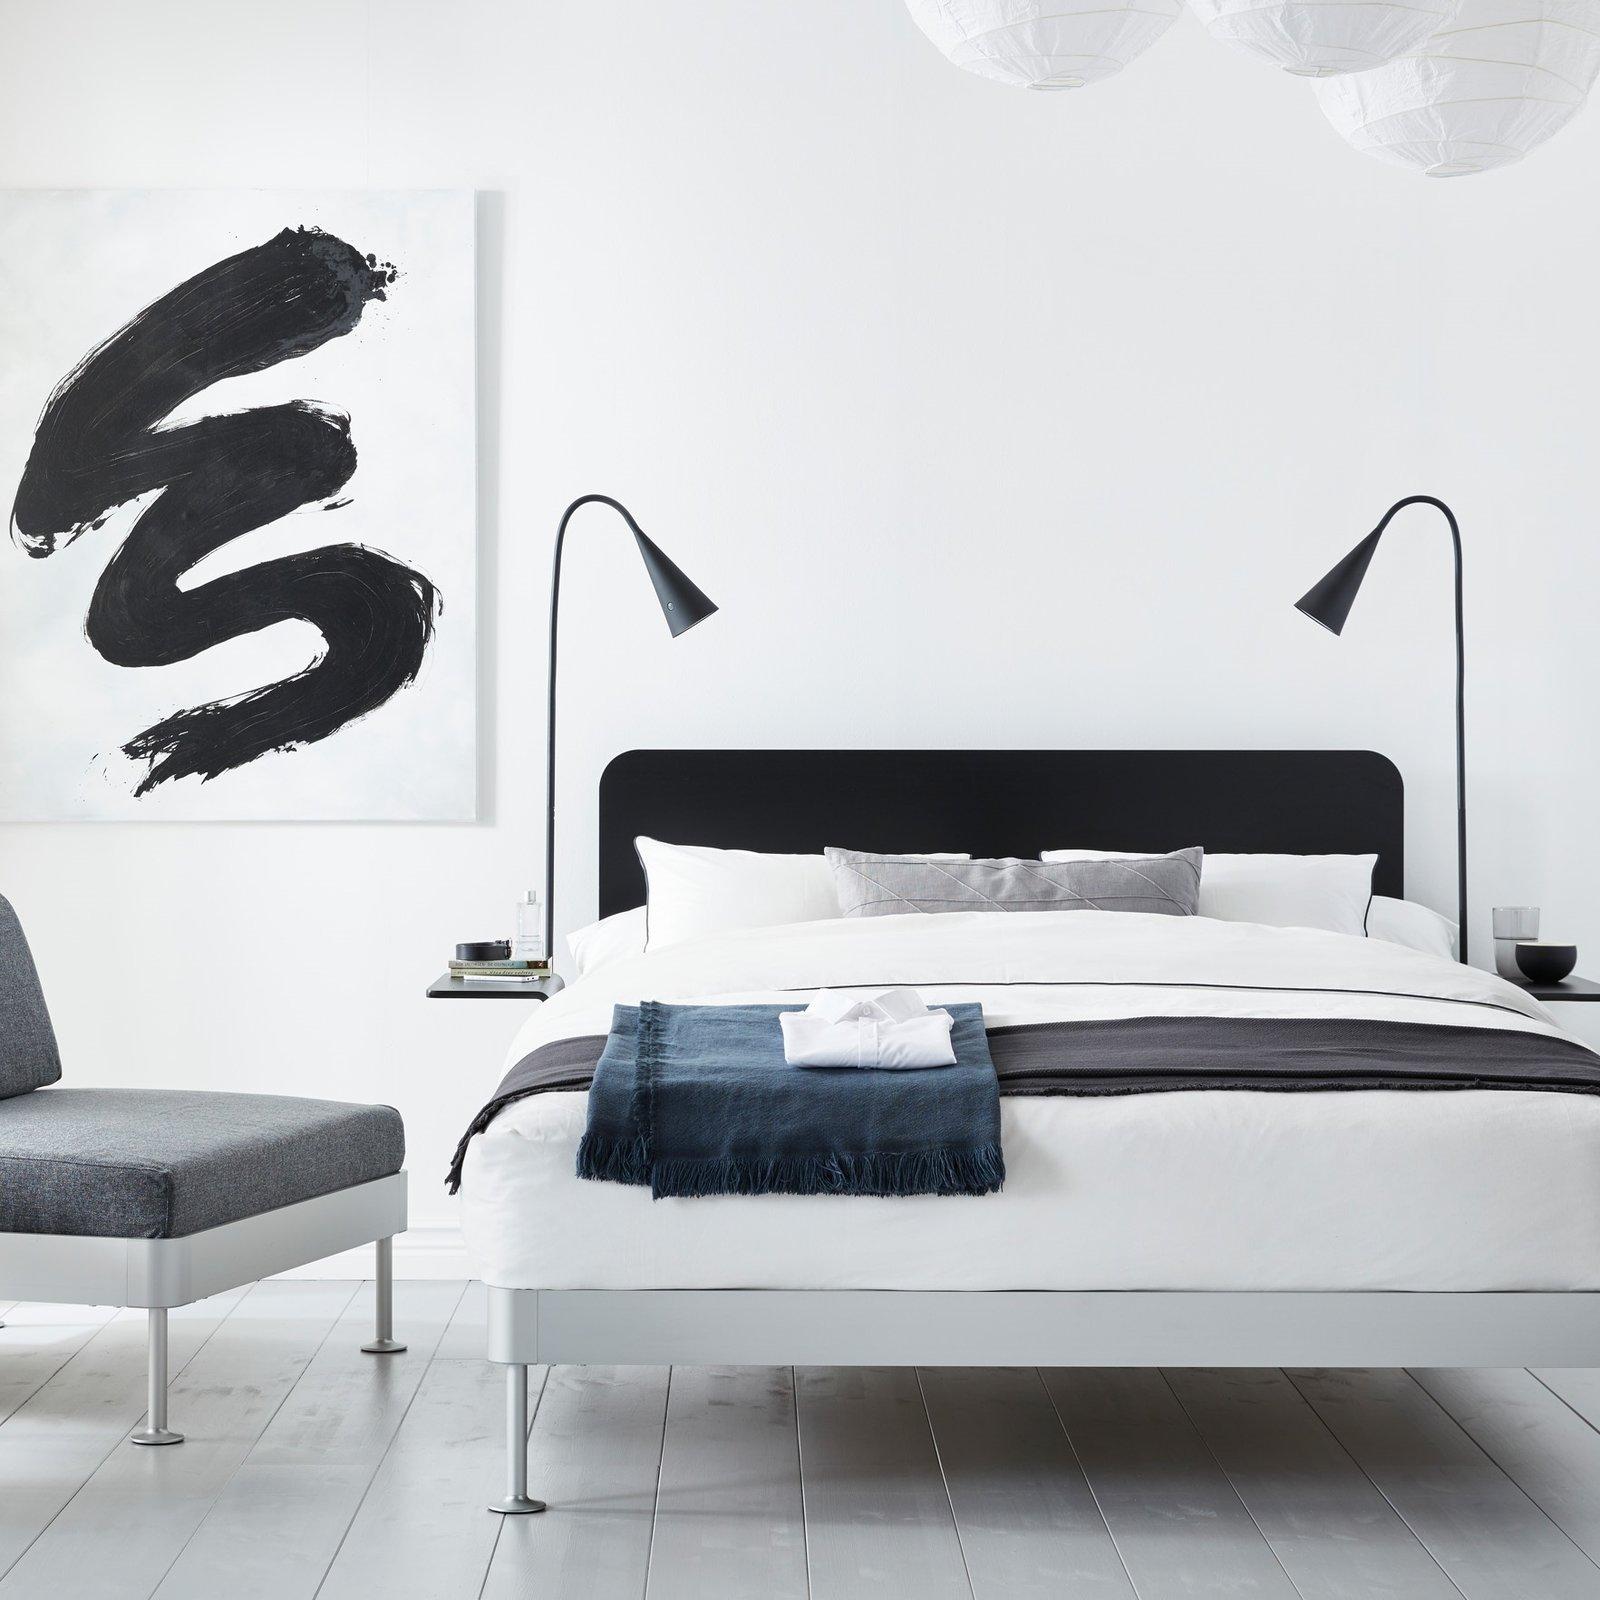 IKEA Delaktig Bed with black headboard